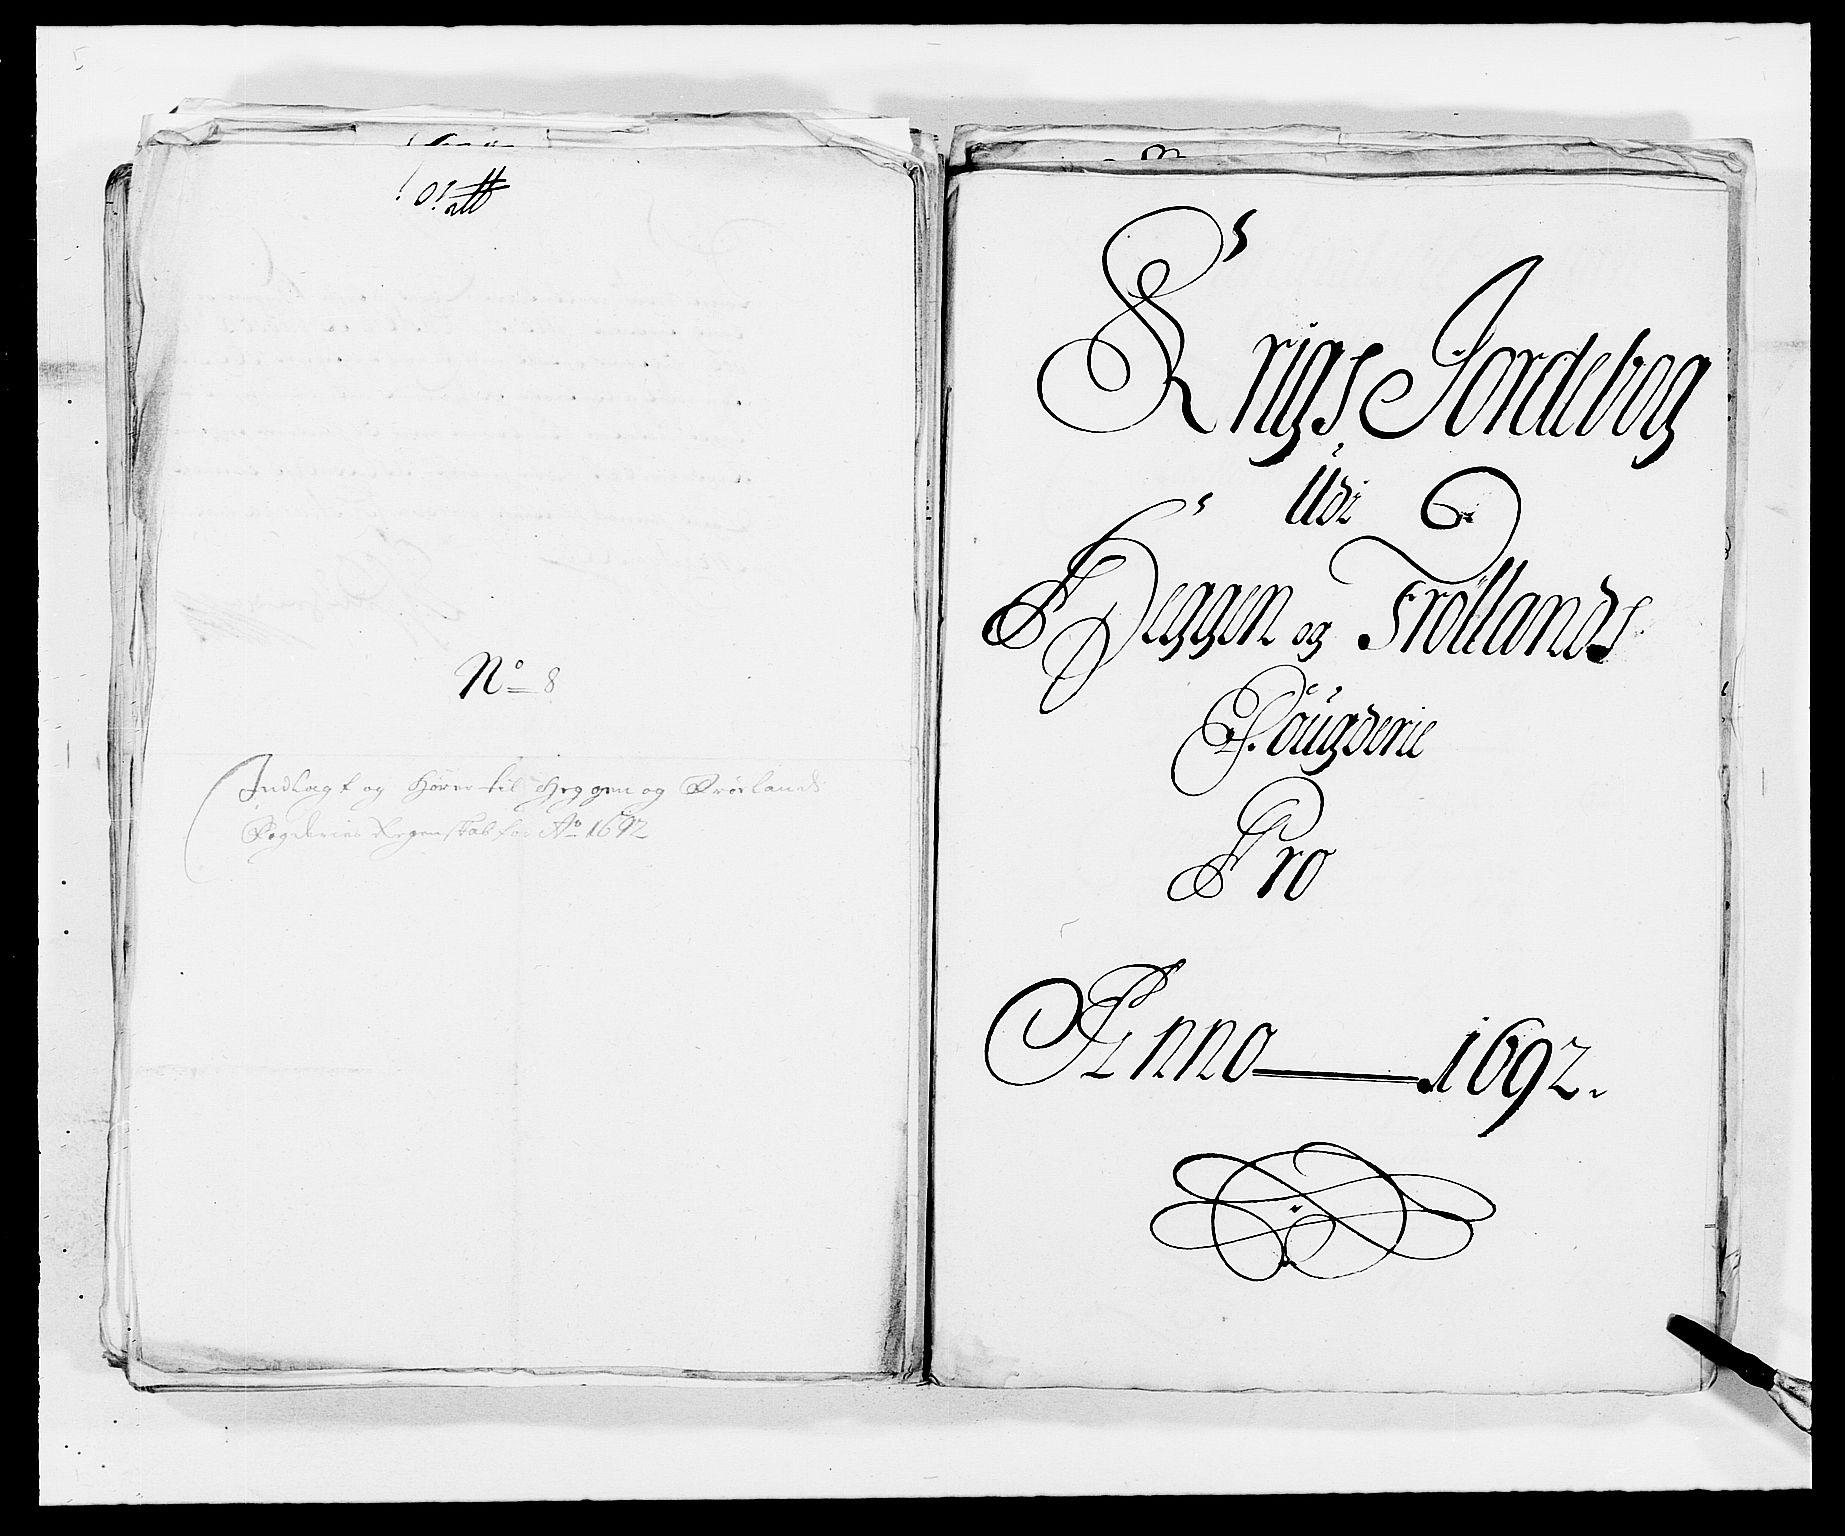 RA, Rentekammeret inntil 1814, Reviderte regnskaper, Fogderegnskap, R06/L0283: Fogderegnskap Heggen og Frøland, 1691-1693, s. 267